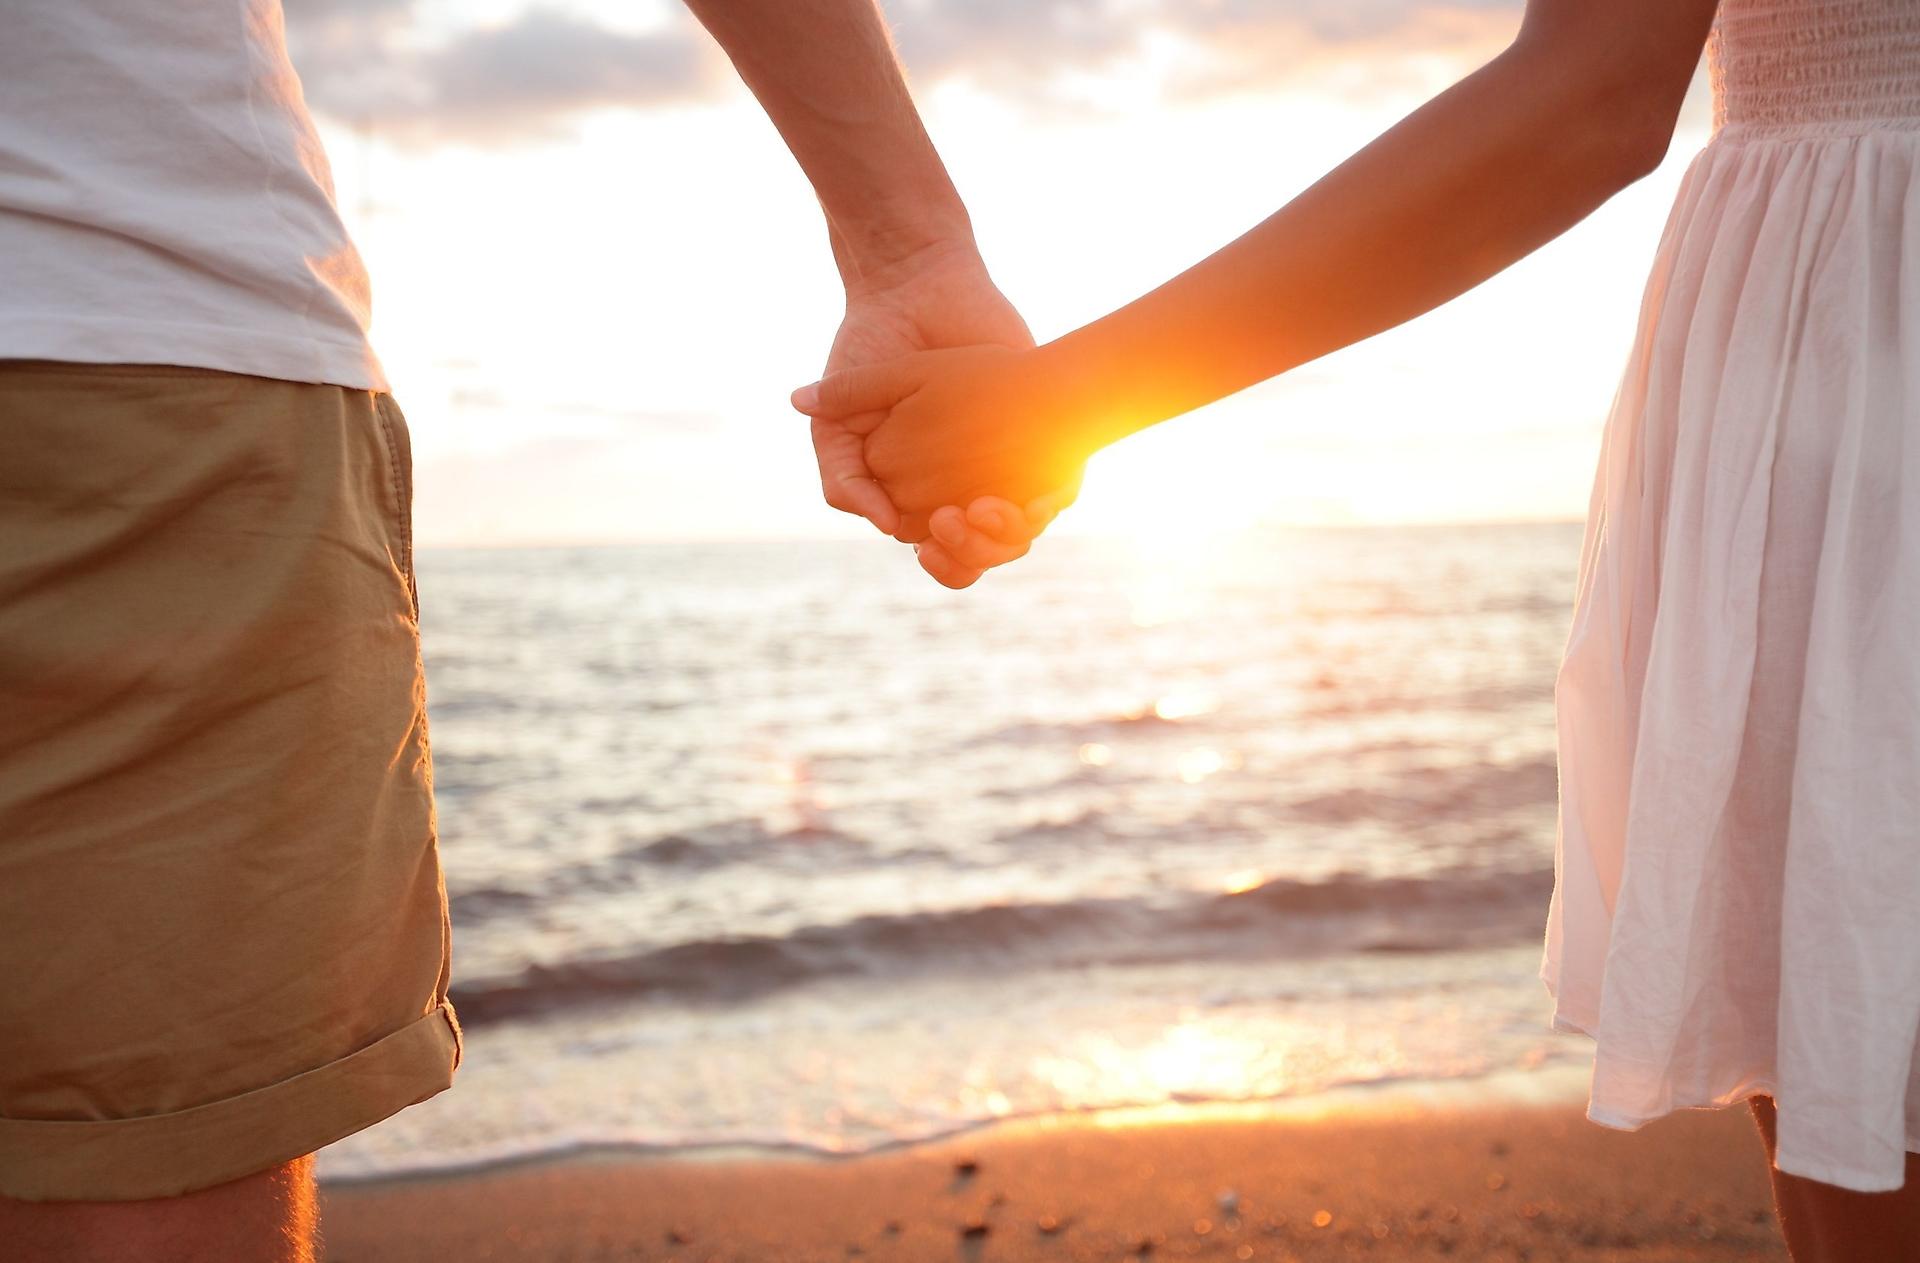 К чему снится держаться за руки с парнем который нравится